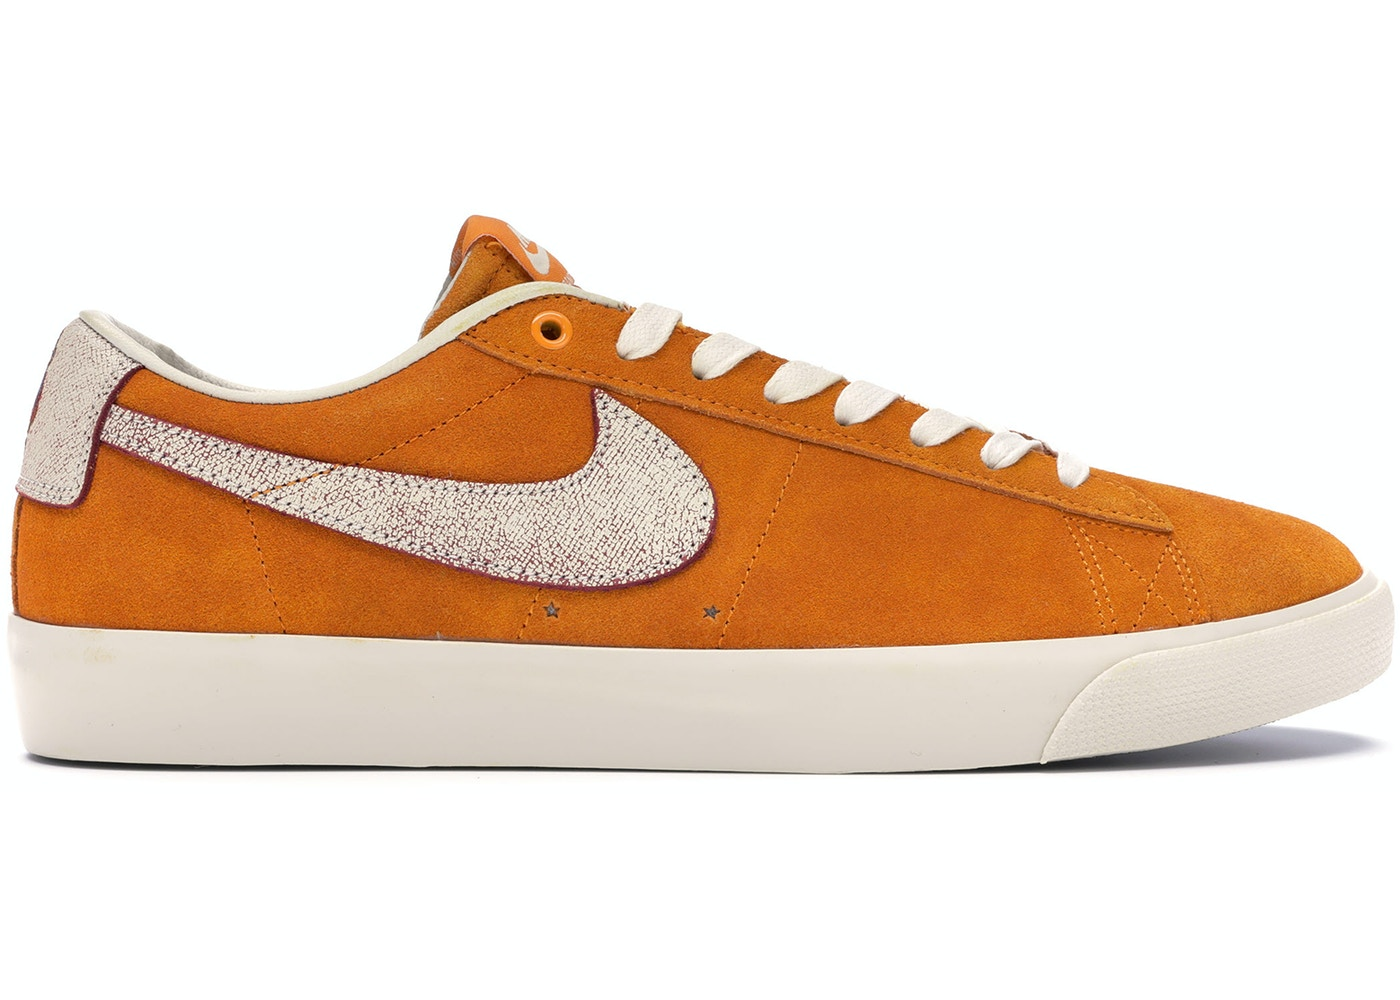 half off db59f fa066 Nike SB Blazer Low GT Bruised Peach - 716890-816